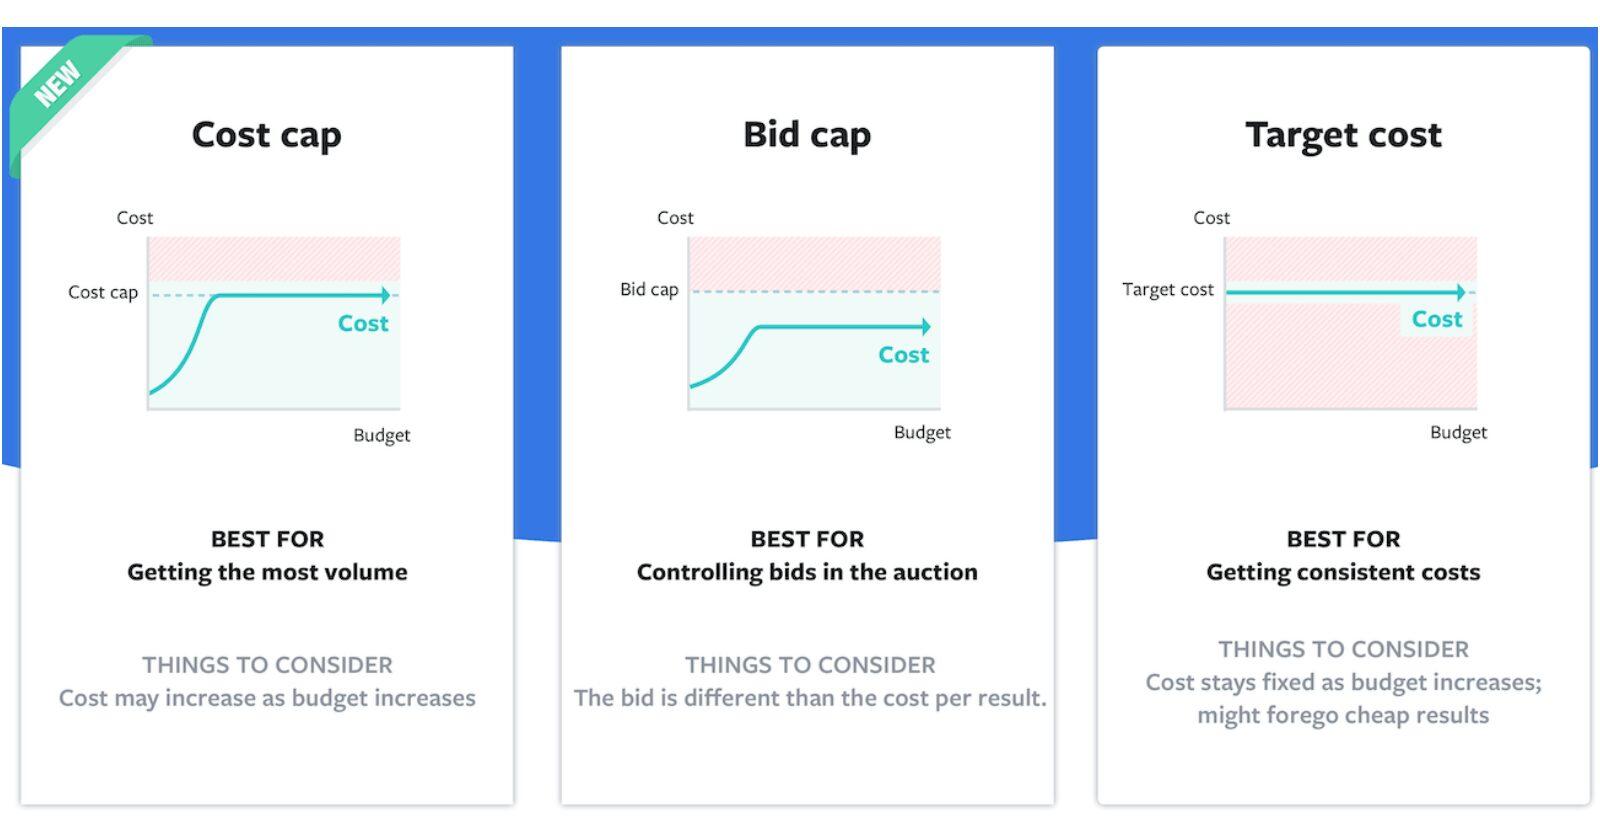 Facebook présente les enchères à coûts plafonds pour maximiser la rentabilité